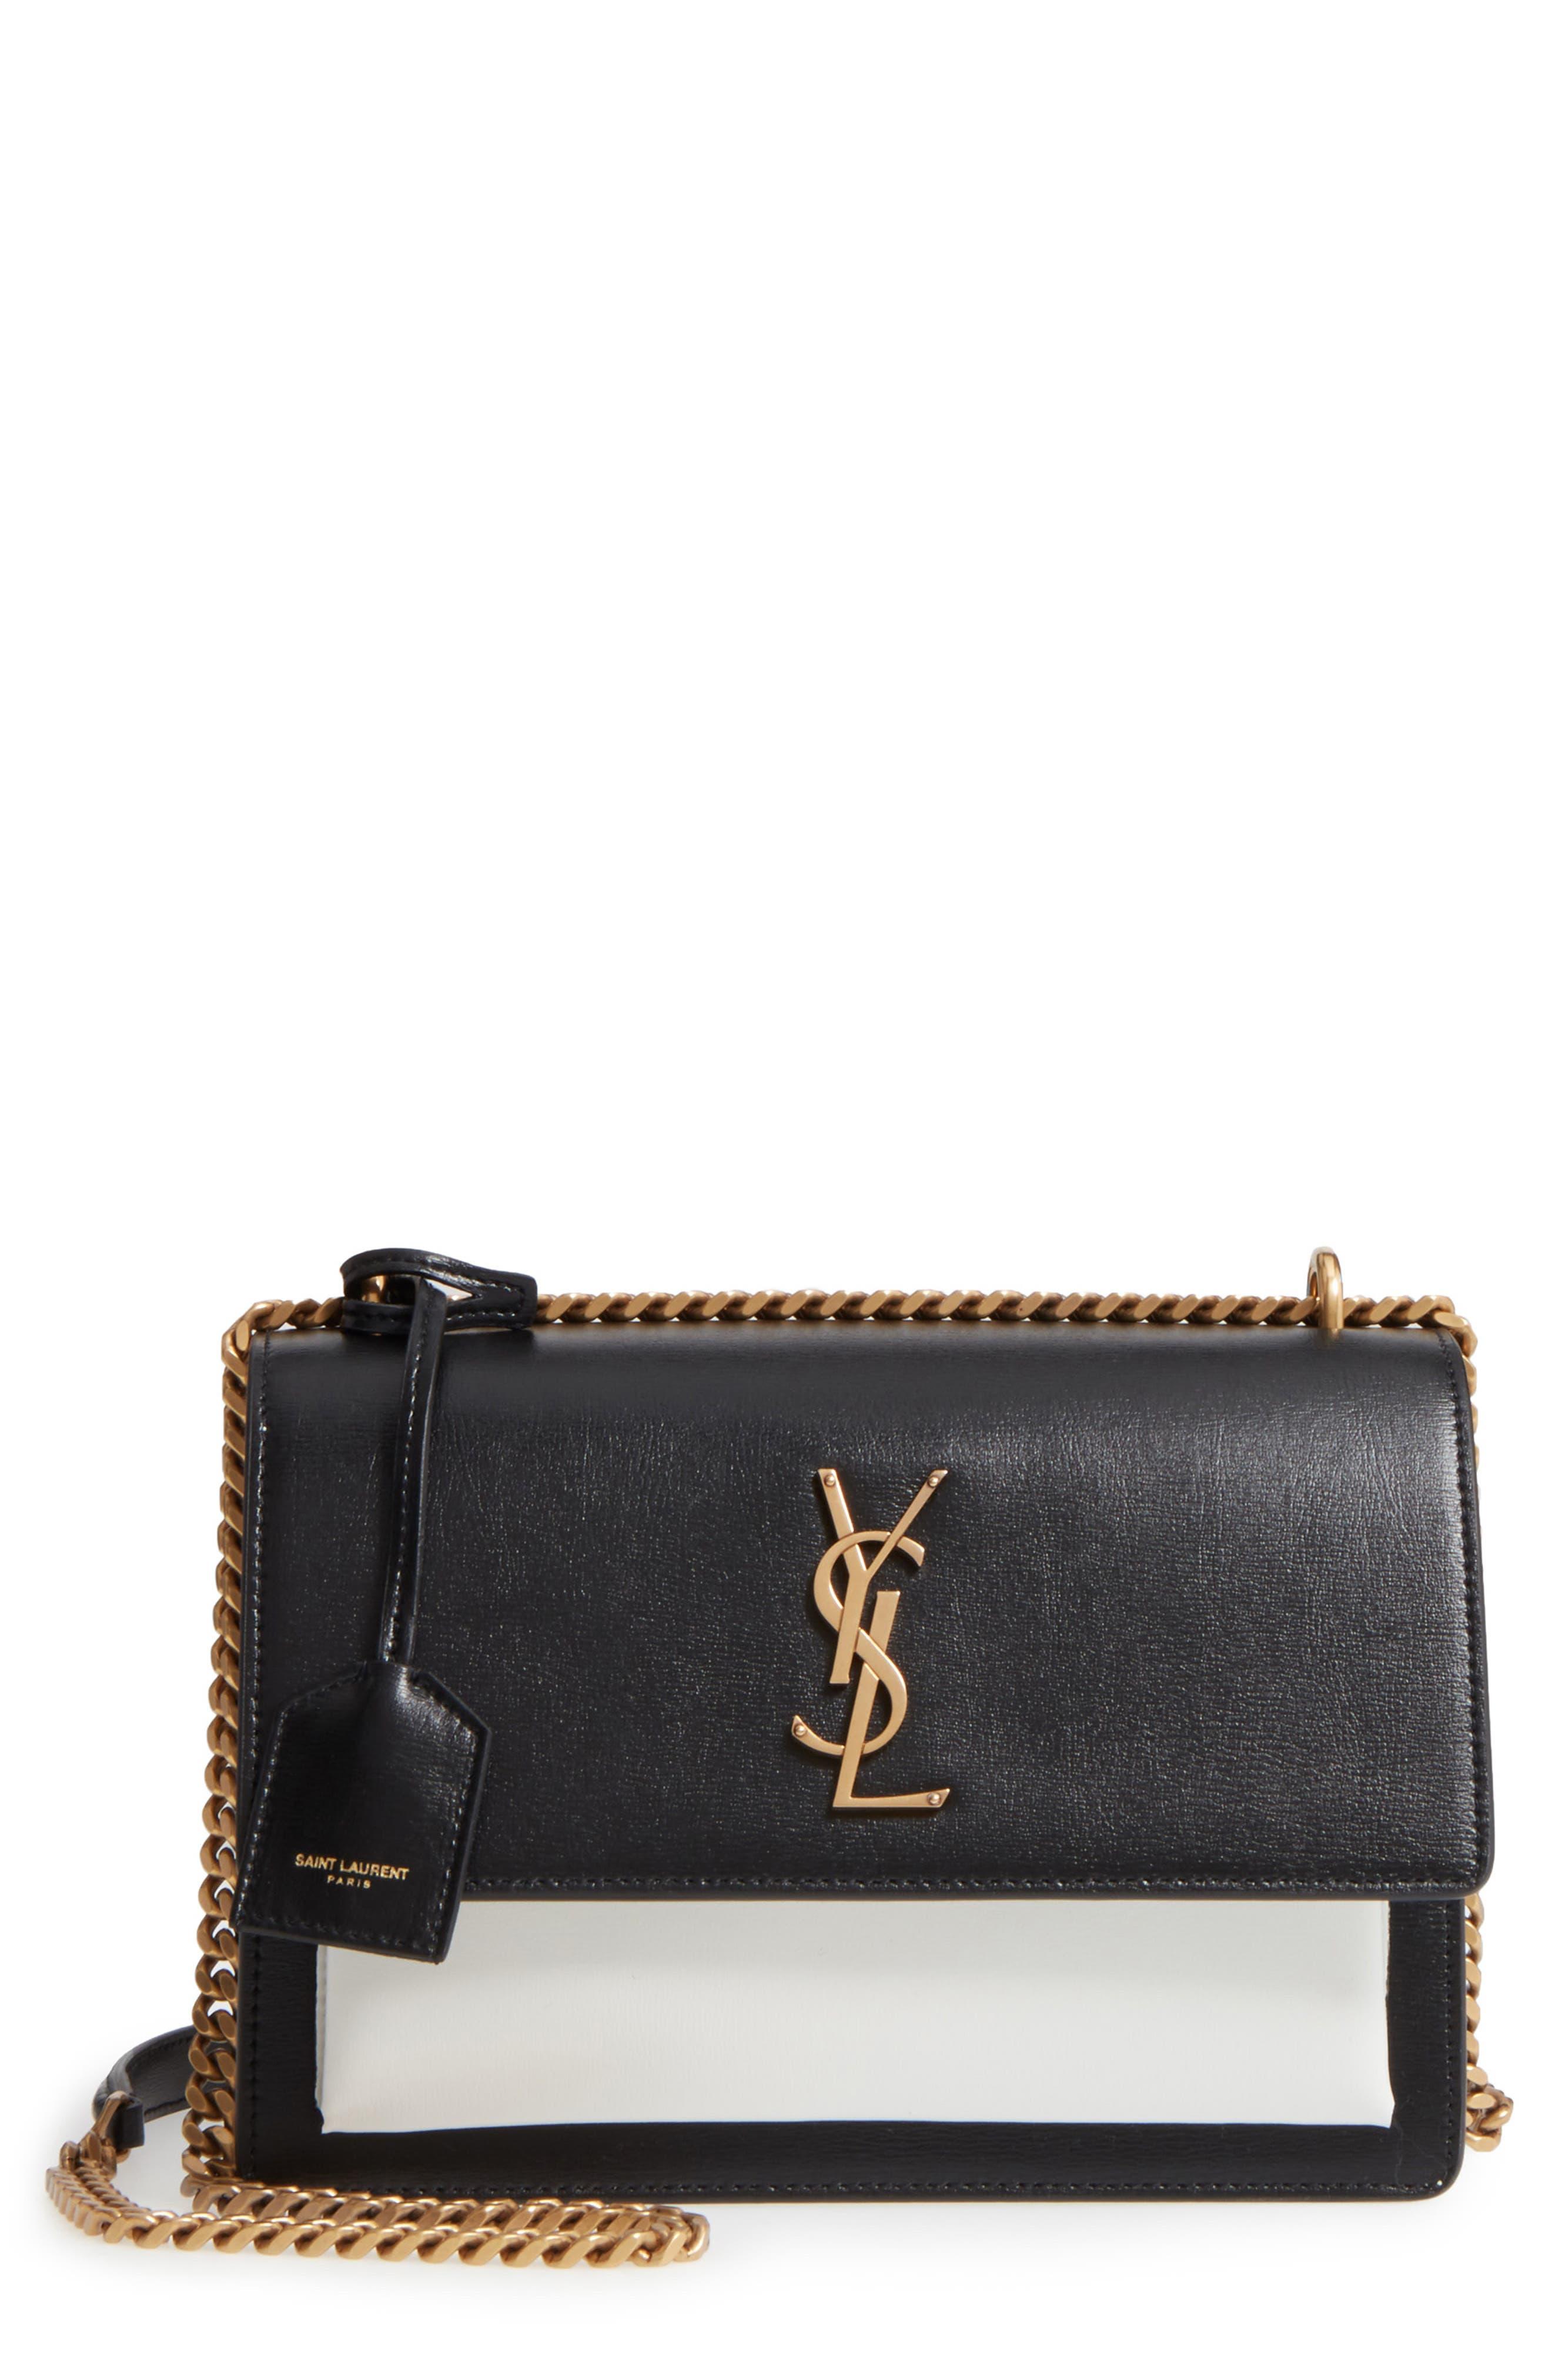 Medium Sunset Leather Shoulder Bag,                         Main,                         color, 001